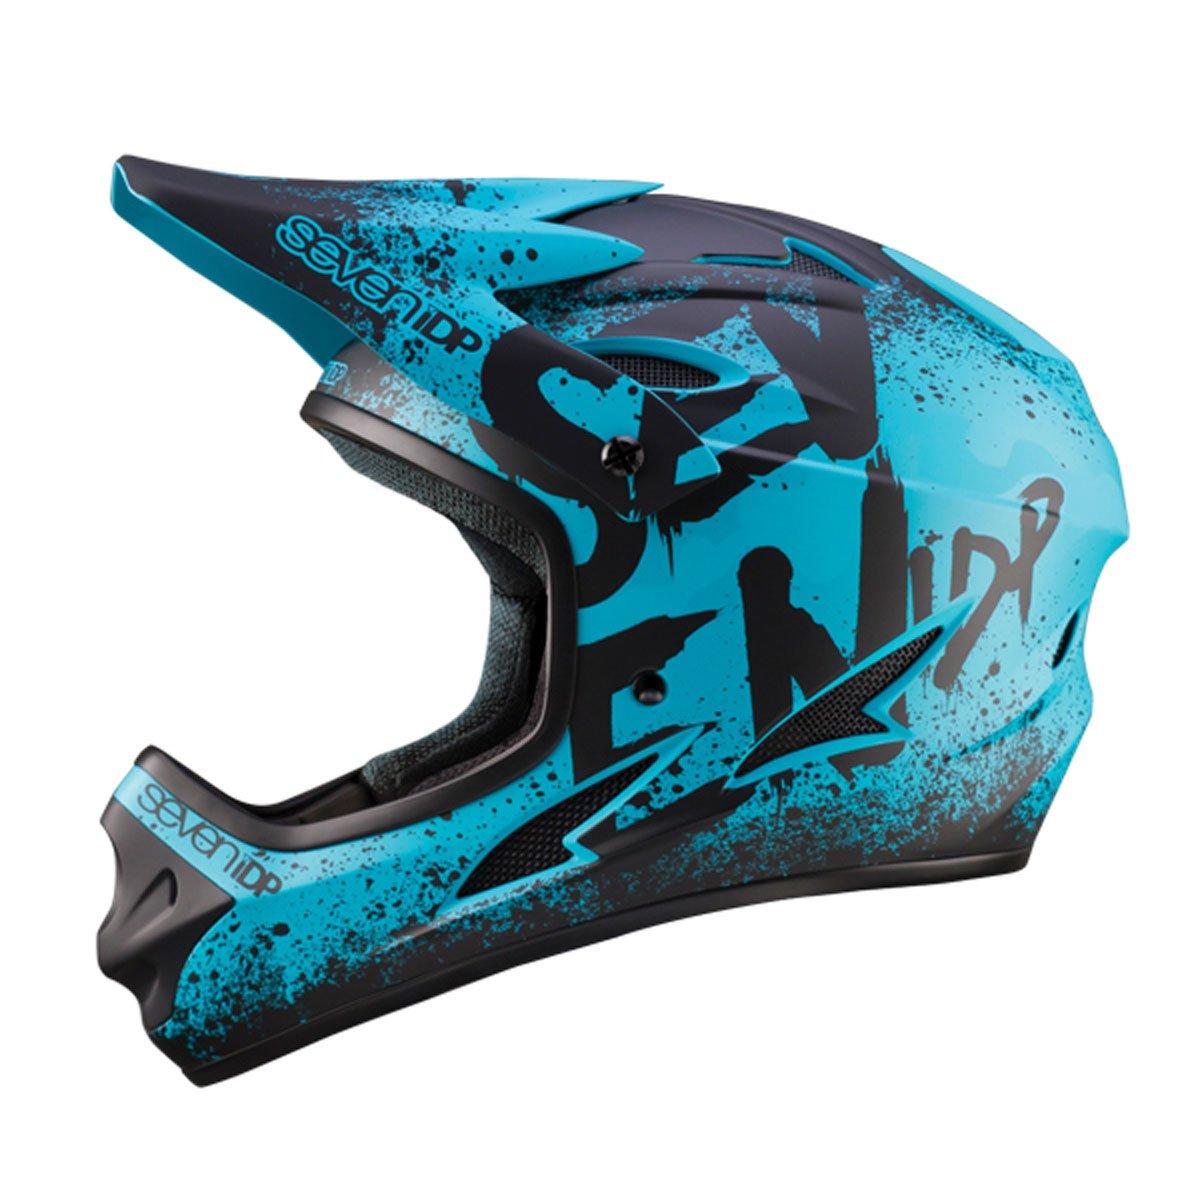 7プロテクション7iDP 2018 M1サイクリングヘルメット - 7706(グラデーションマットティール/ブラック - XL(60-62CM))   B075T7GT5H